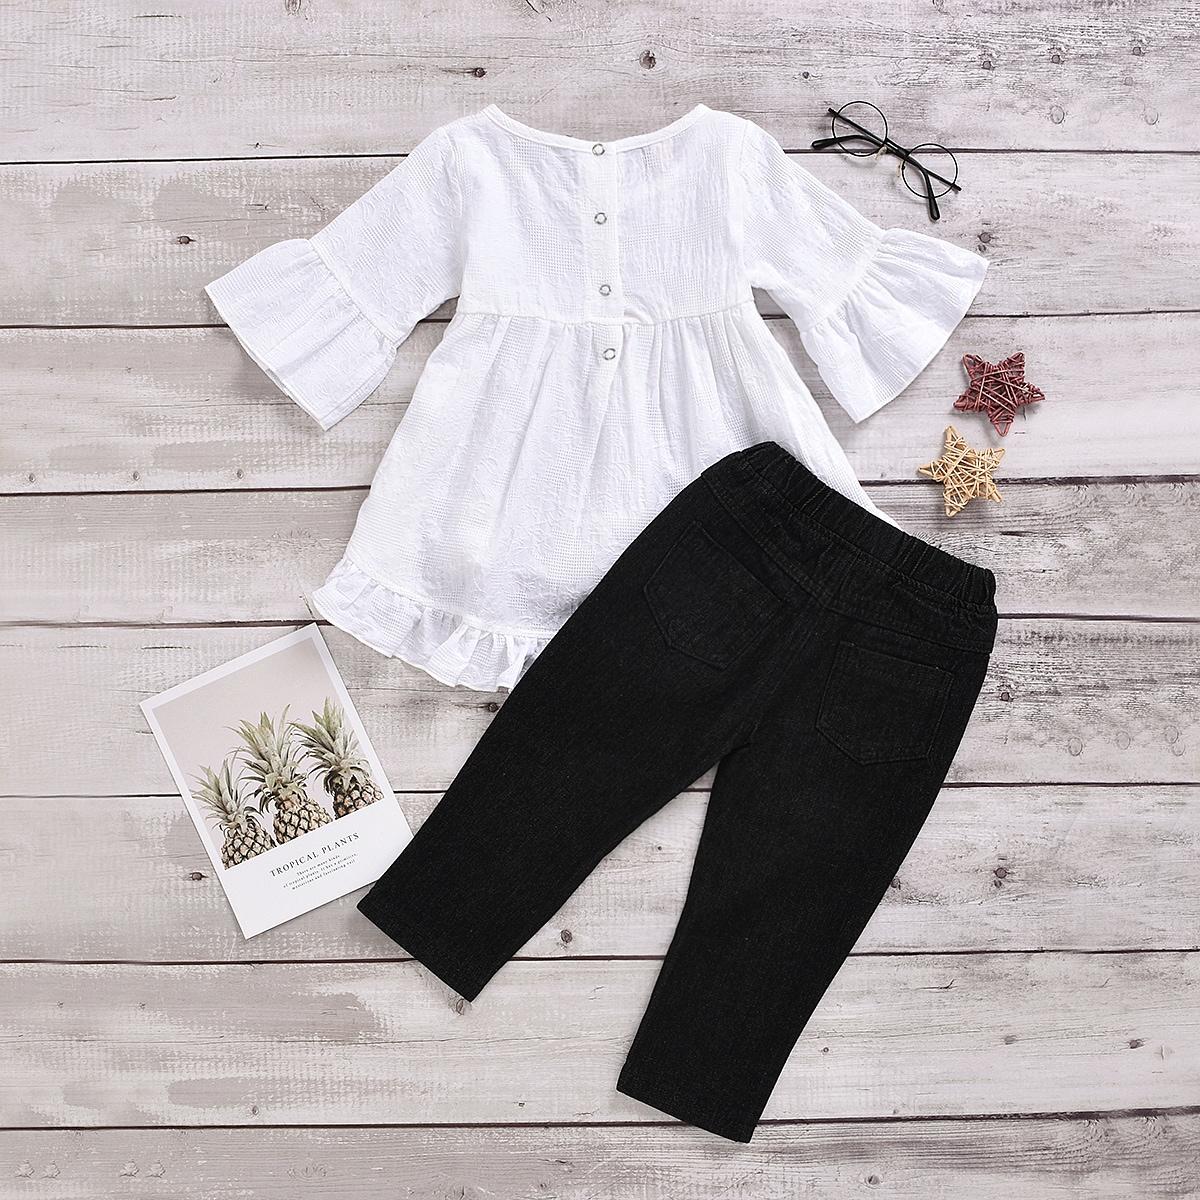 Блузка и джинсы с цветочным принтом для девочек от SHEIN